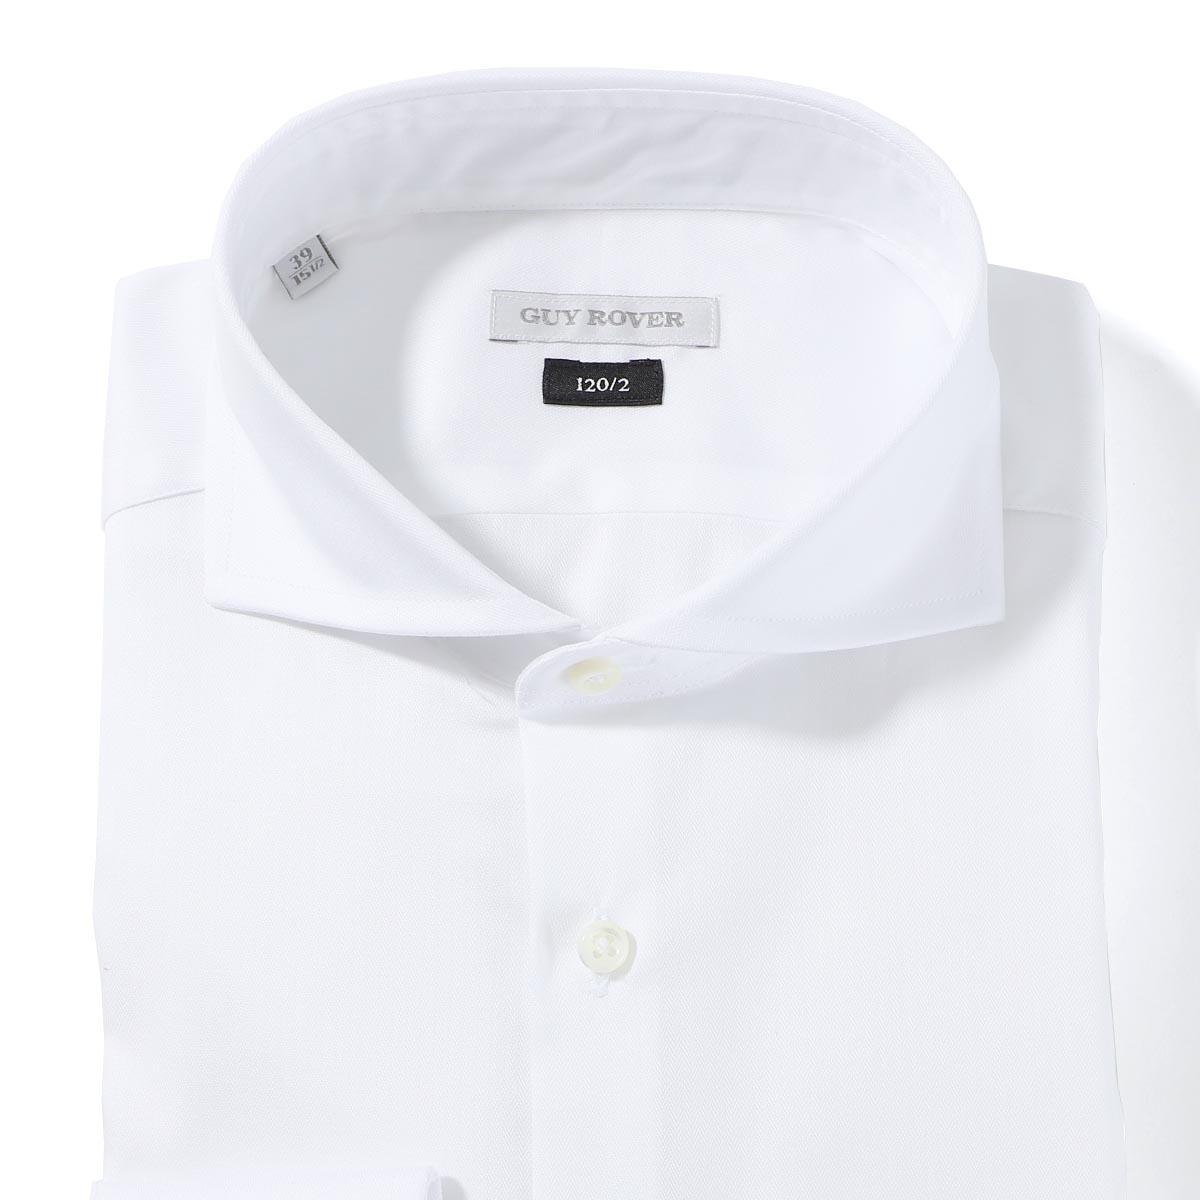 ギローバー GUY ROVER ホリゾンタルカラー シャツ ホワイト メンズ 2850v2110 501920 03【あす楽対応_関東】【返品送料無料】【ラッピング無料】